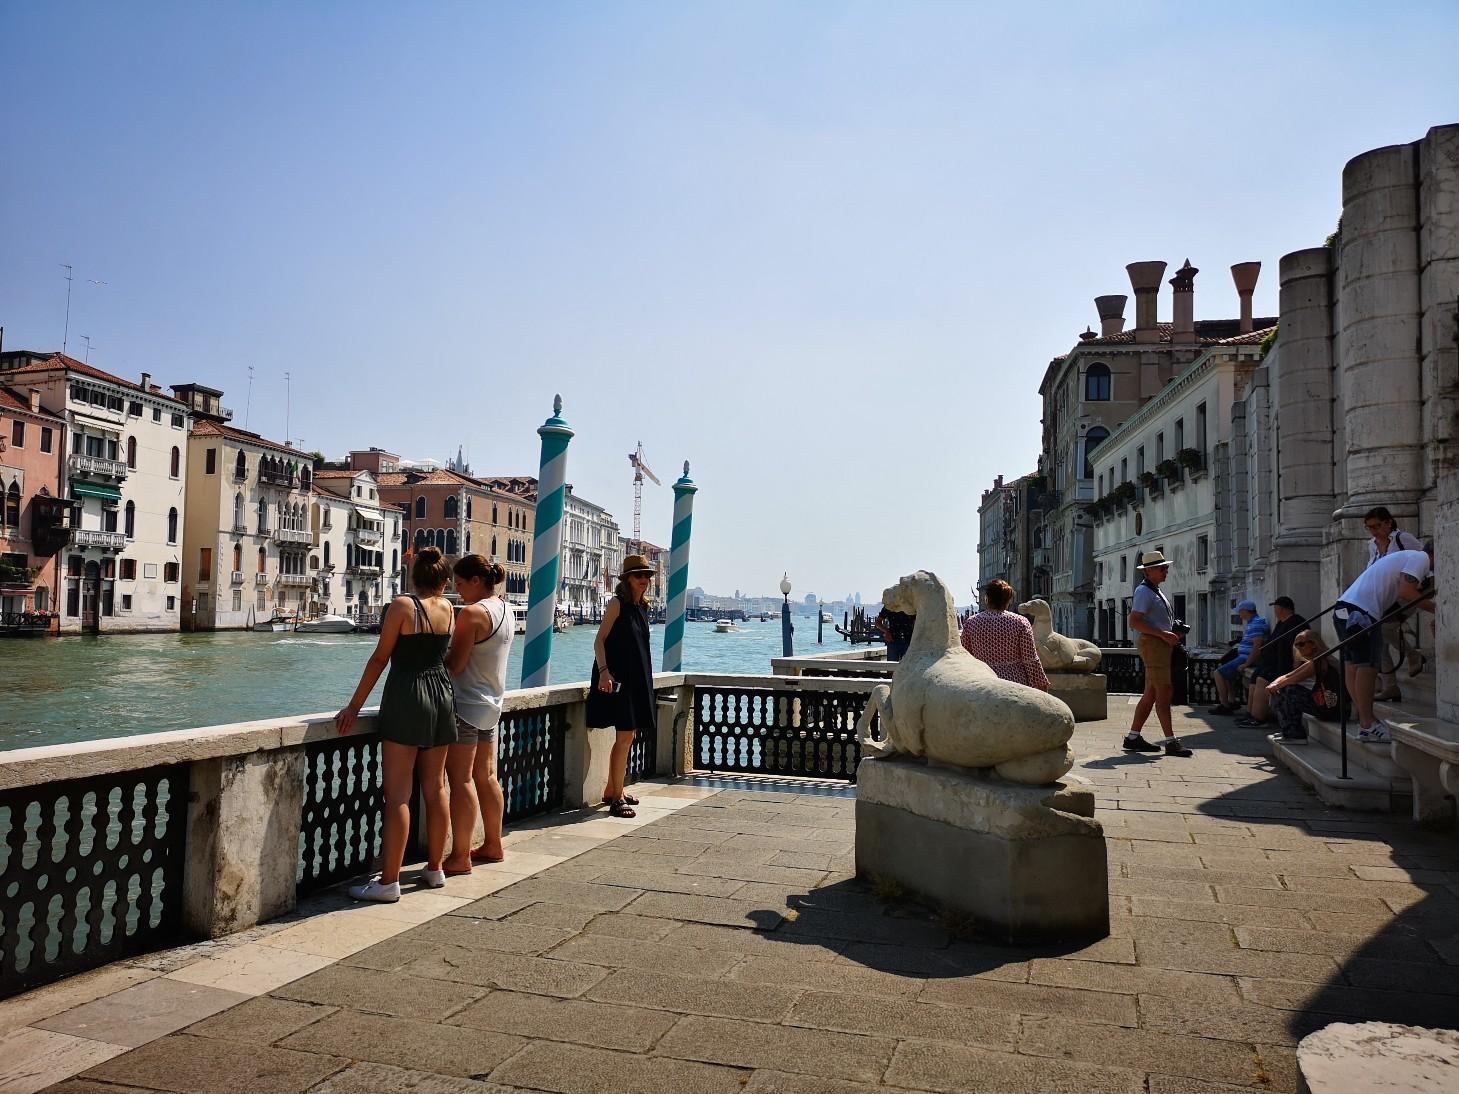 ヴェネツィア、ペギー グッゲンハイム美術館と思想の色_f0106597_22025248.jpg